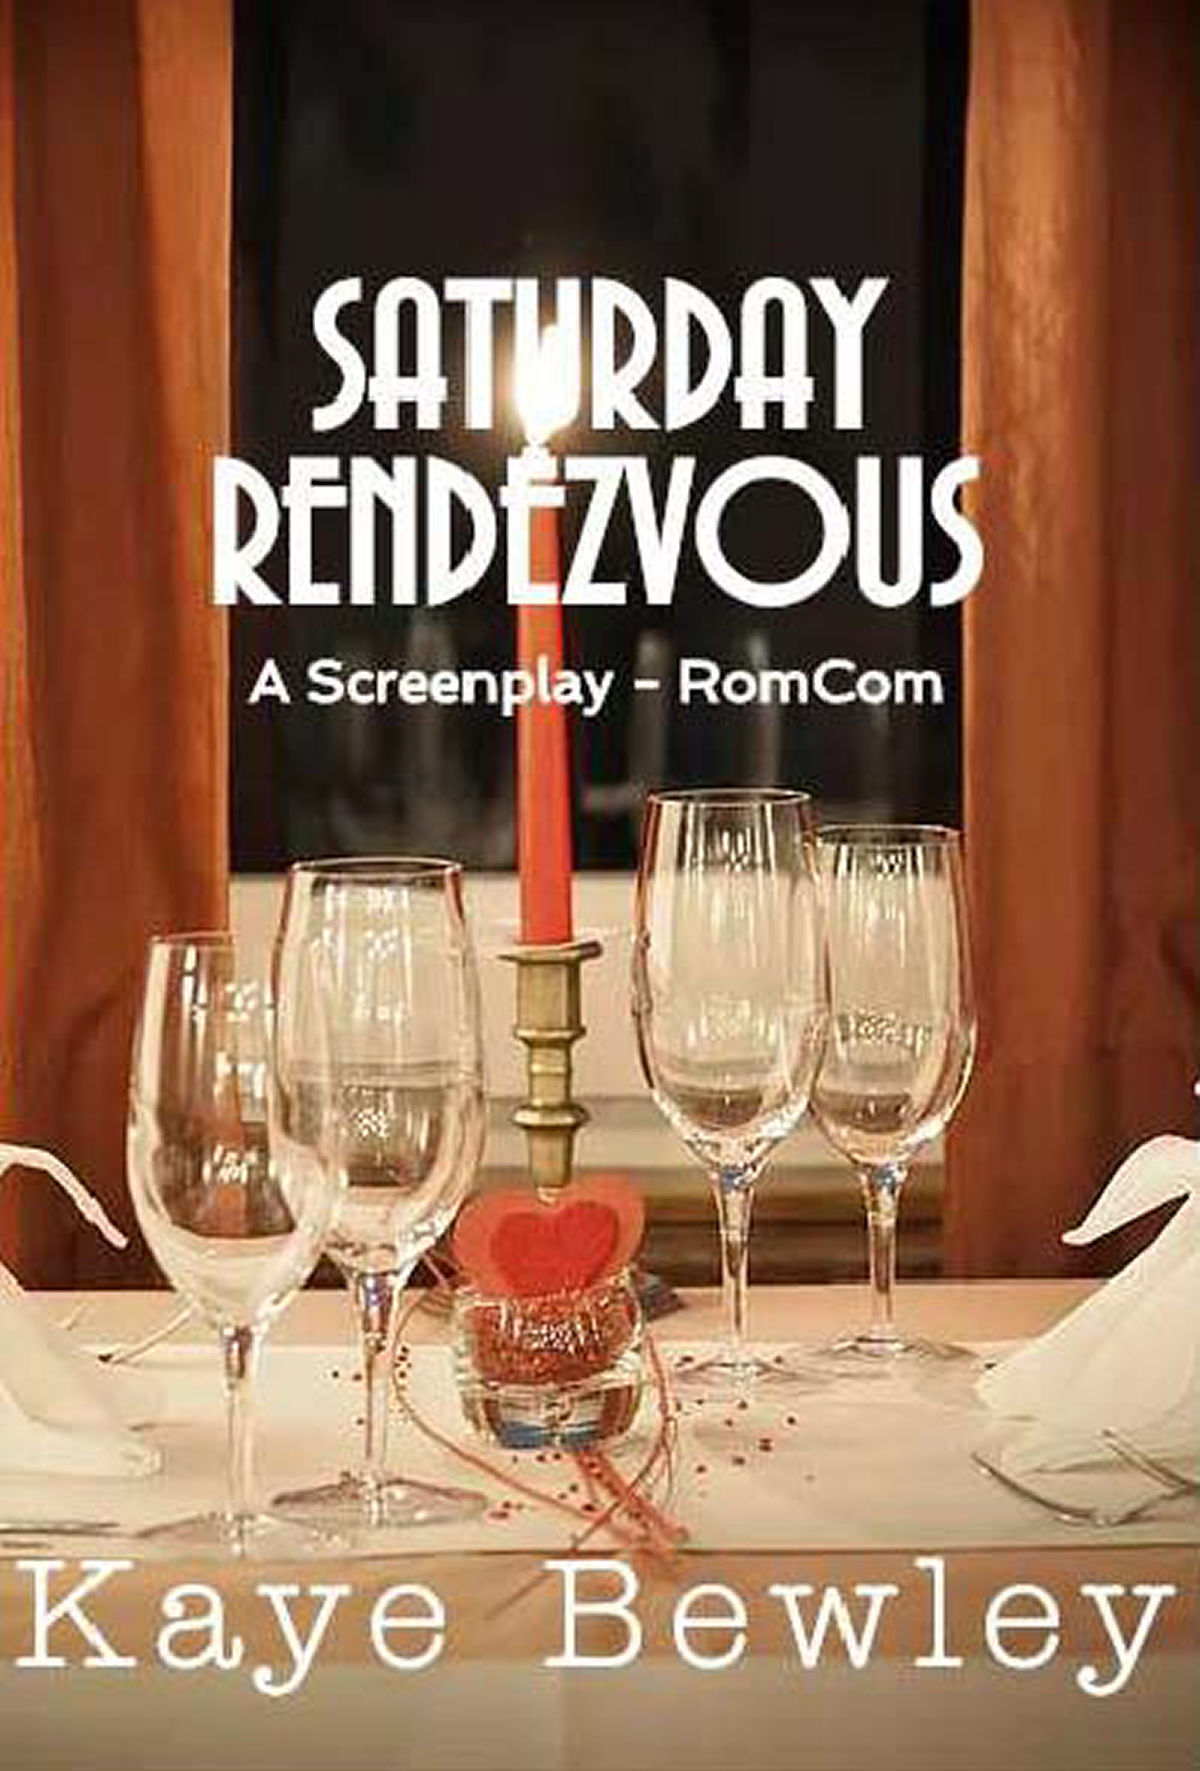 Saturday Rendezvous - Screenplay